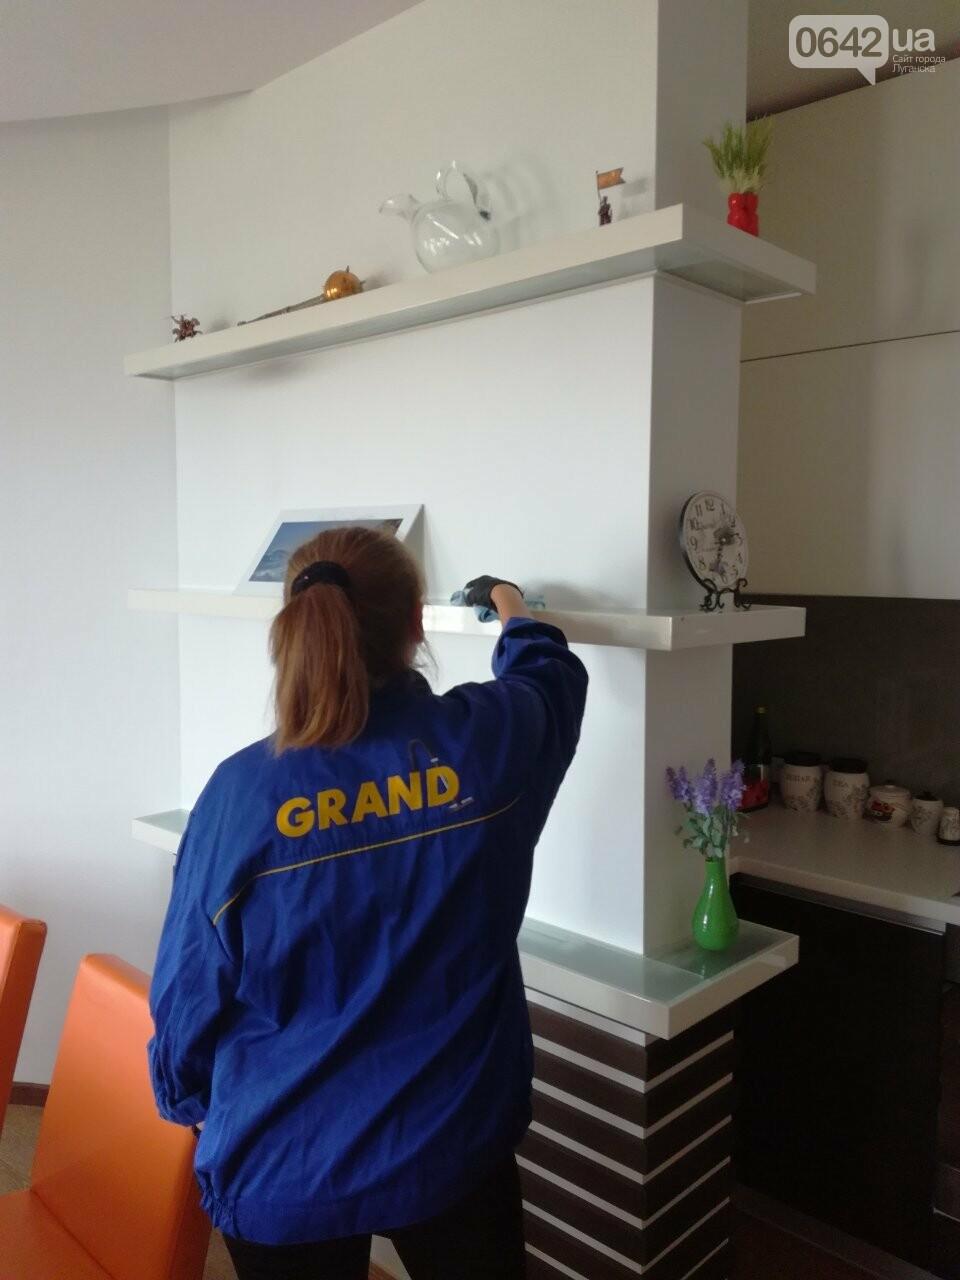 Клининговая компания Grand, Киев